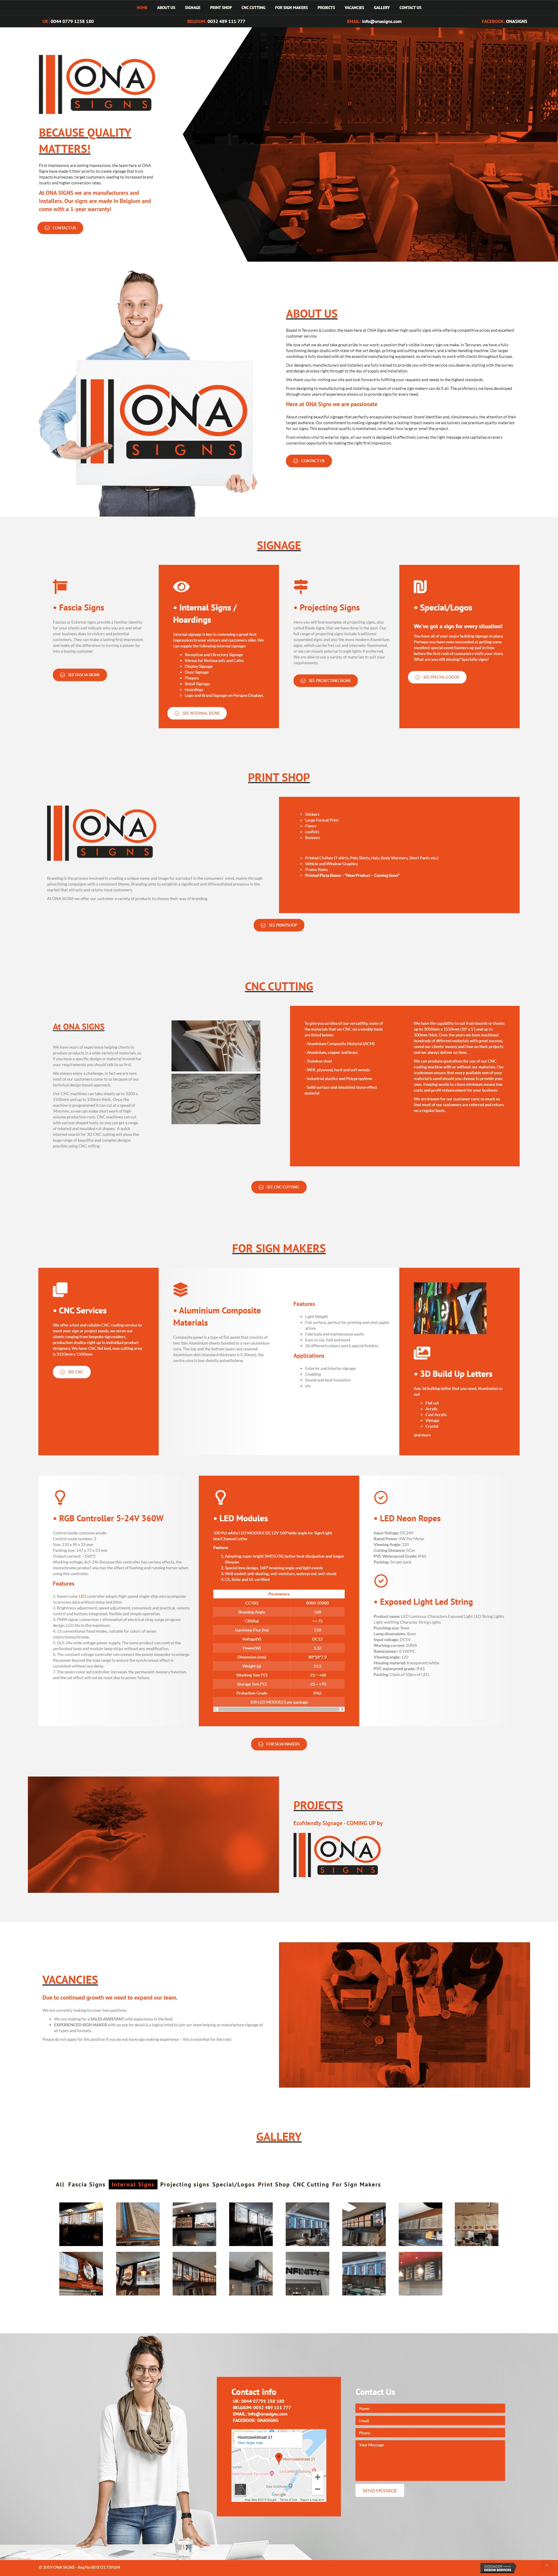 screencapture-onasigns-desktop